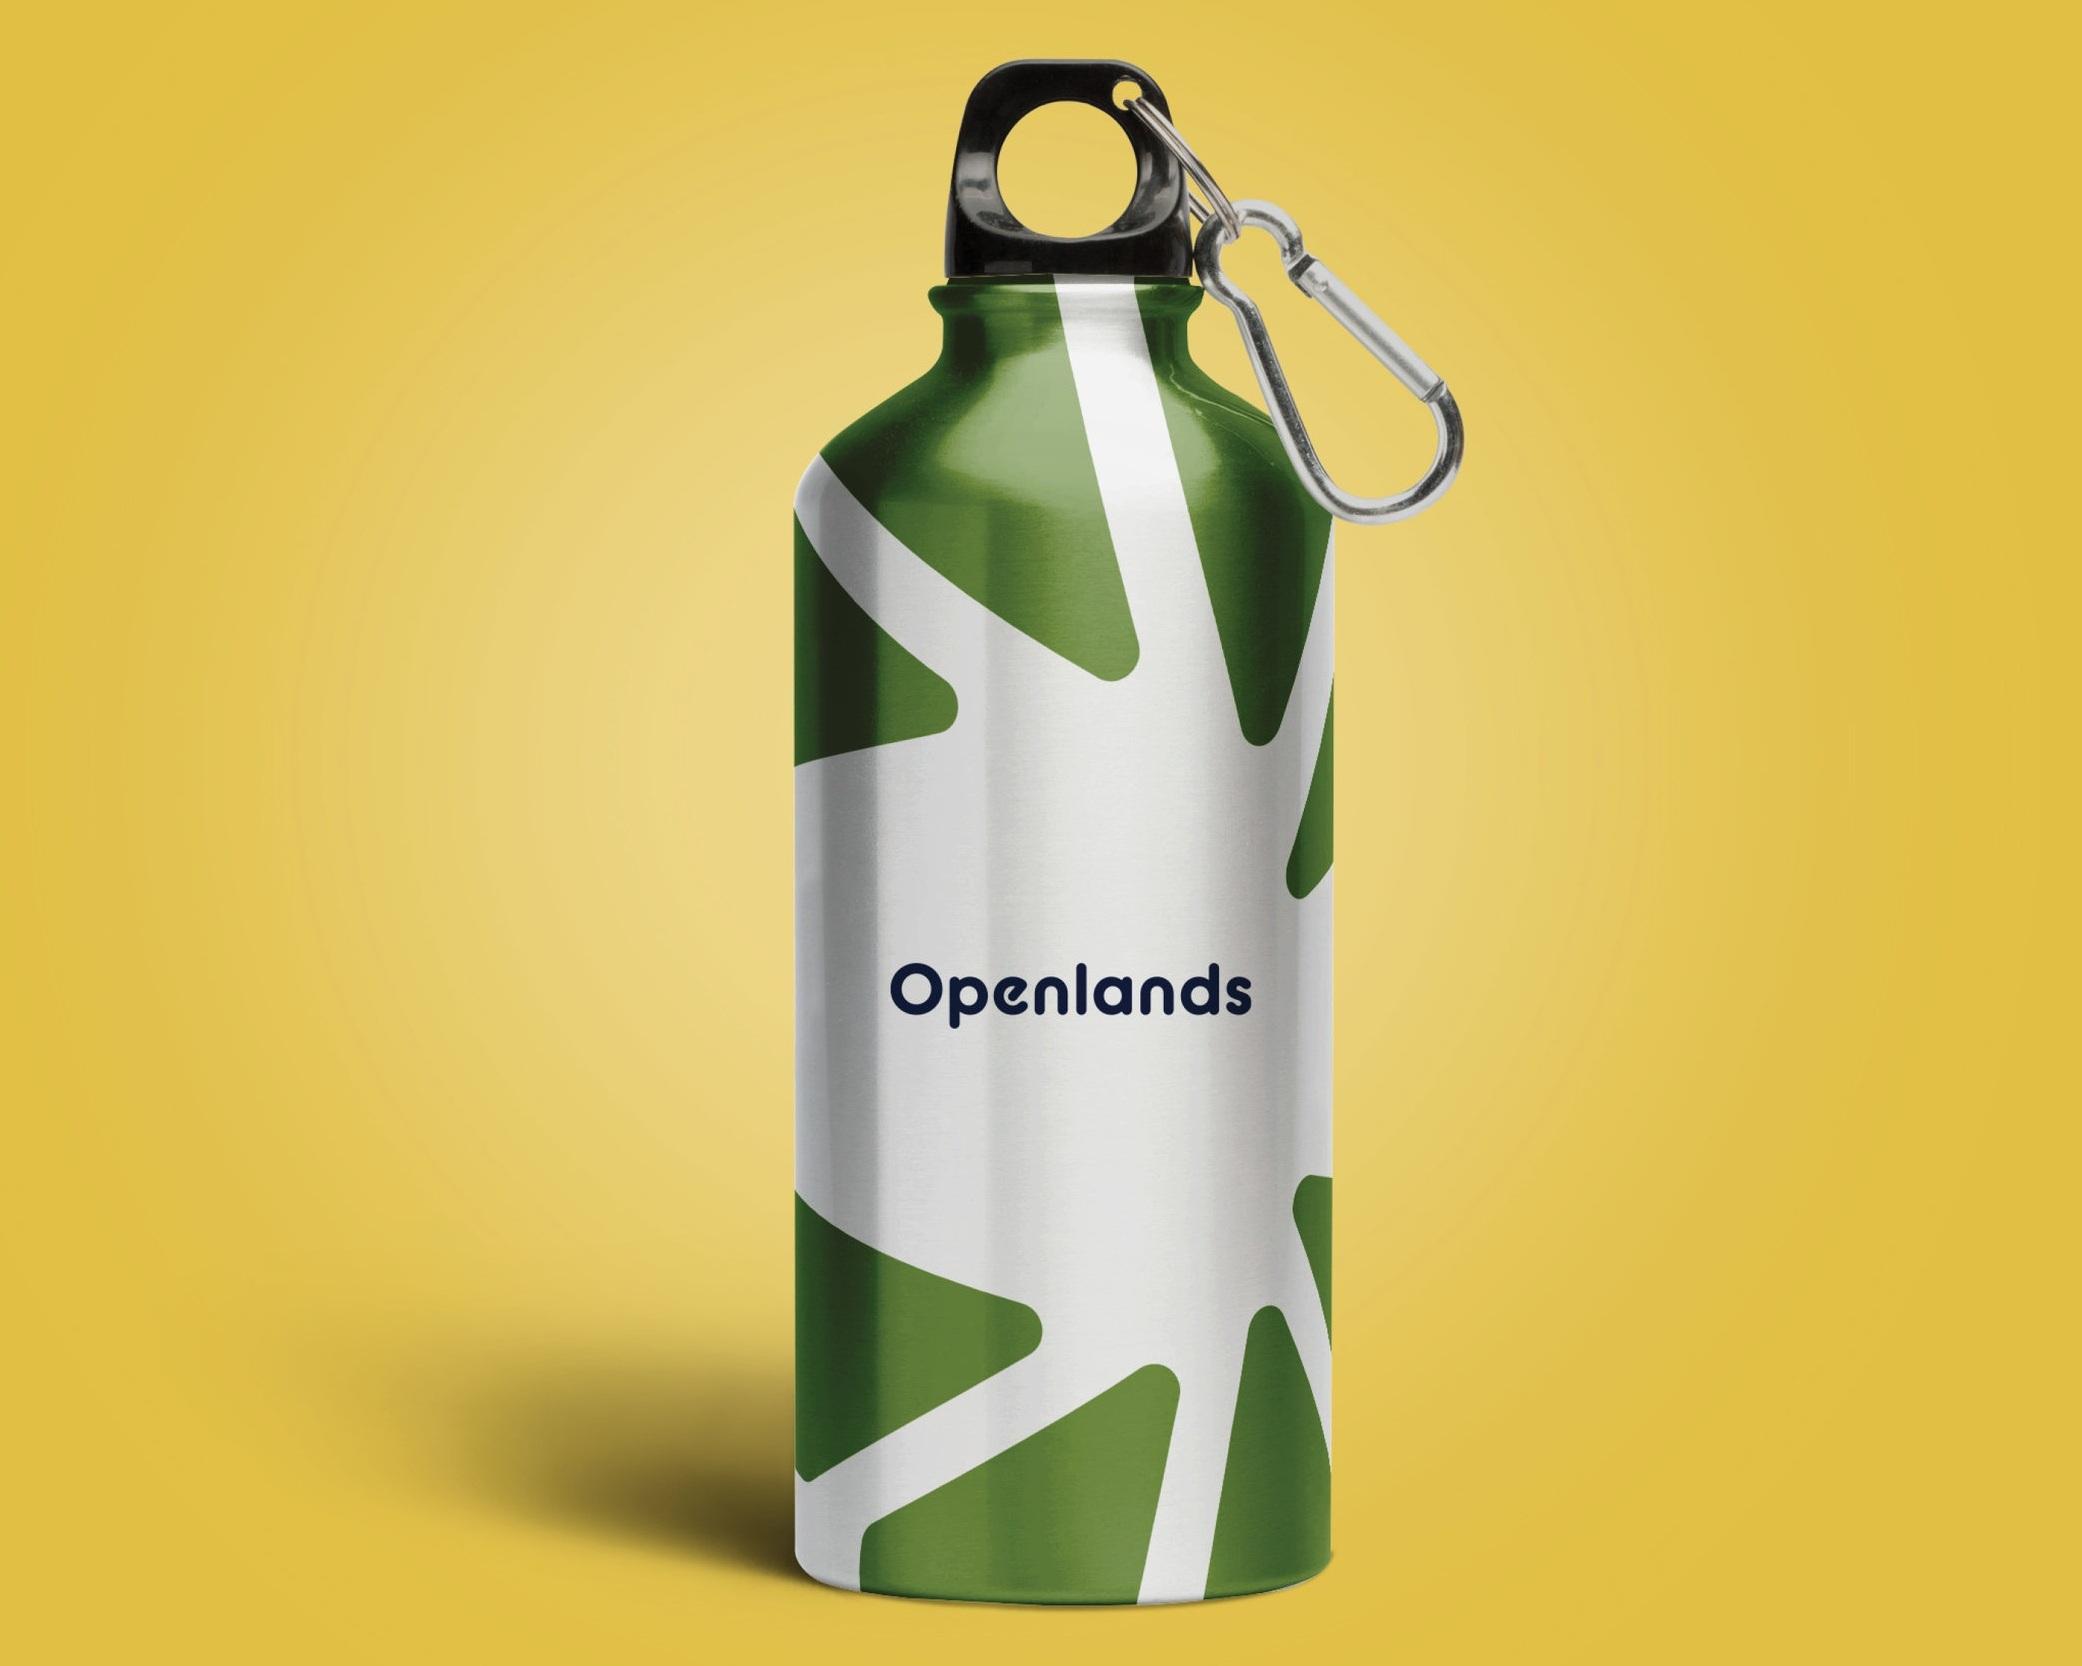 OpenlandsBrandbook2.jpg